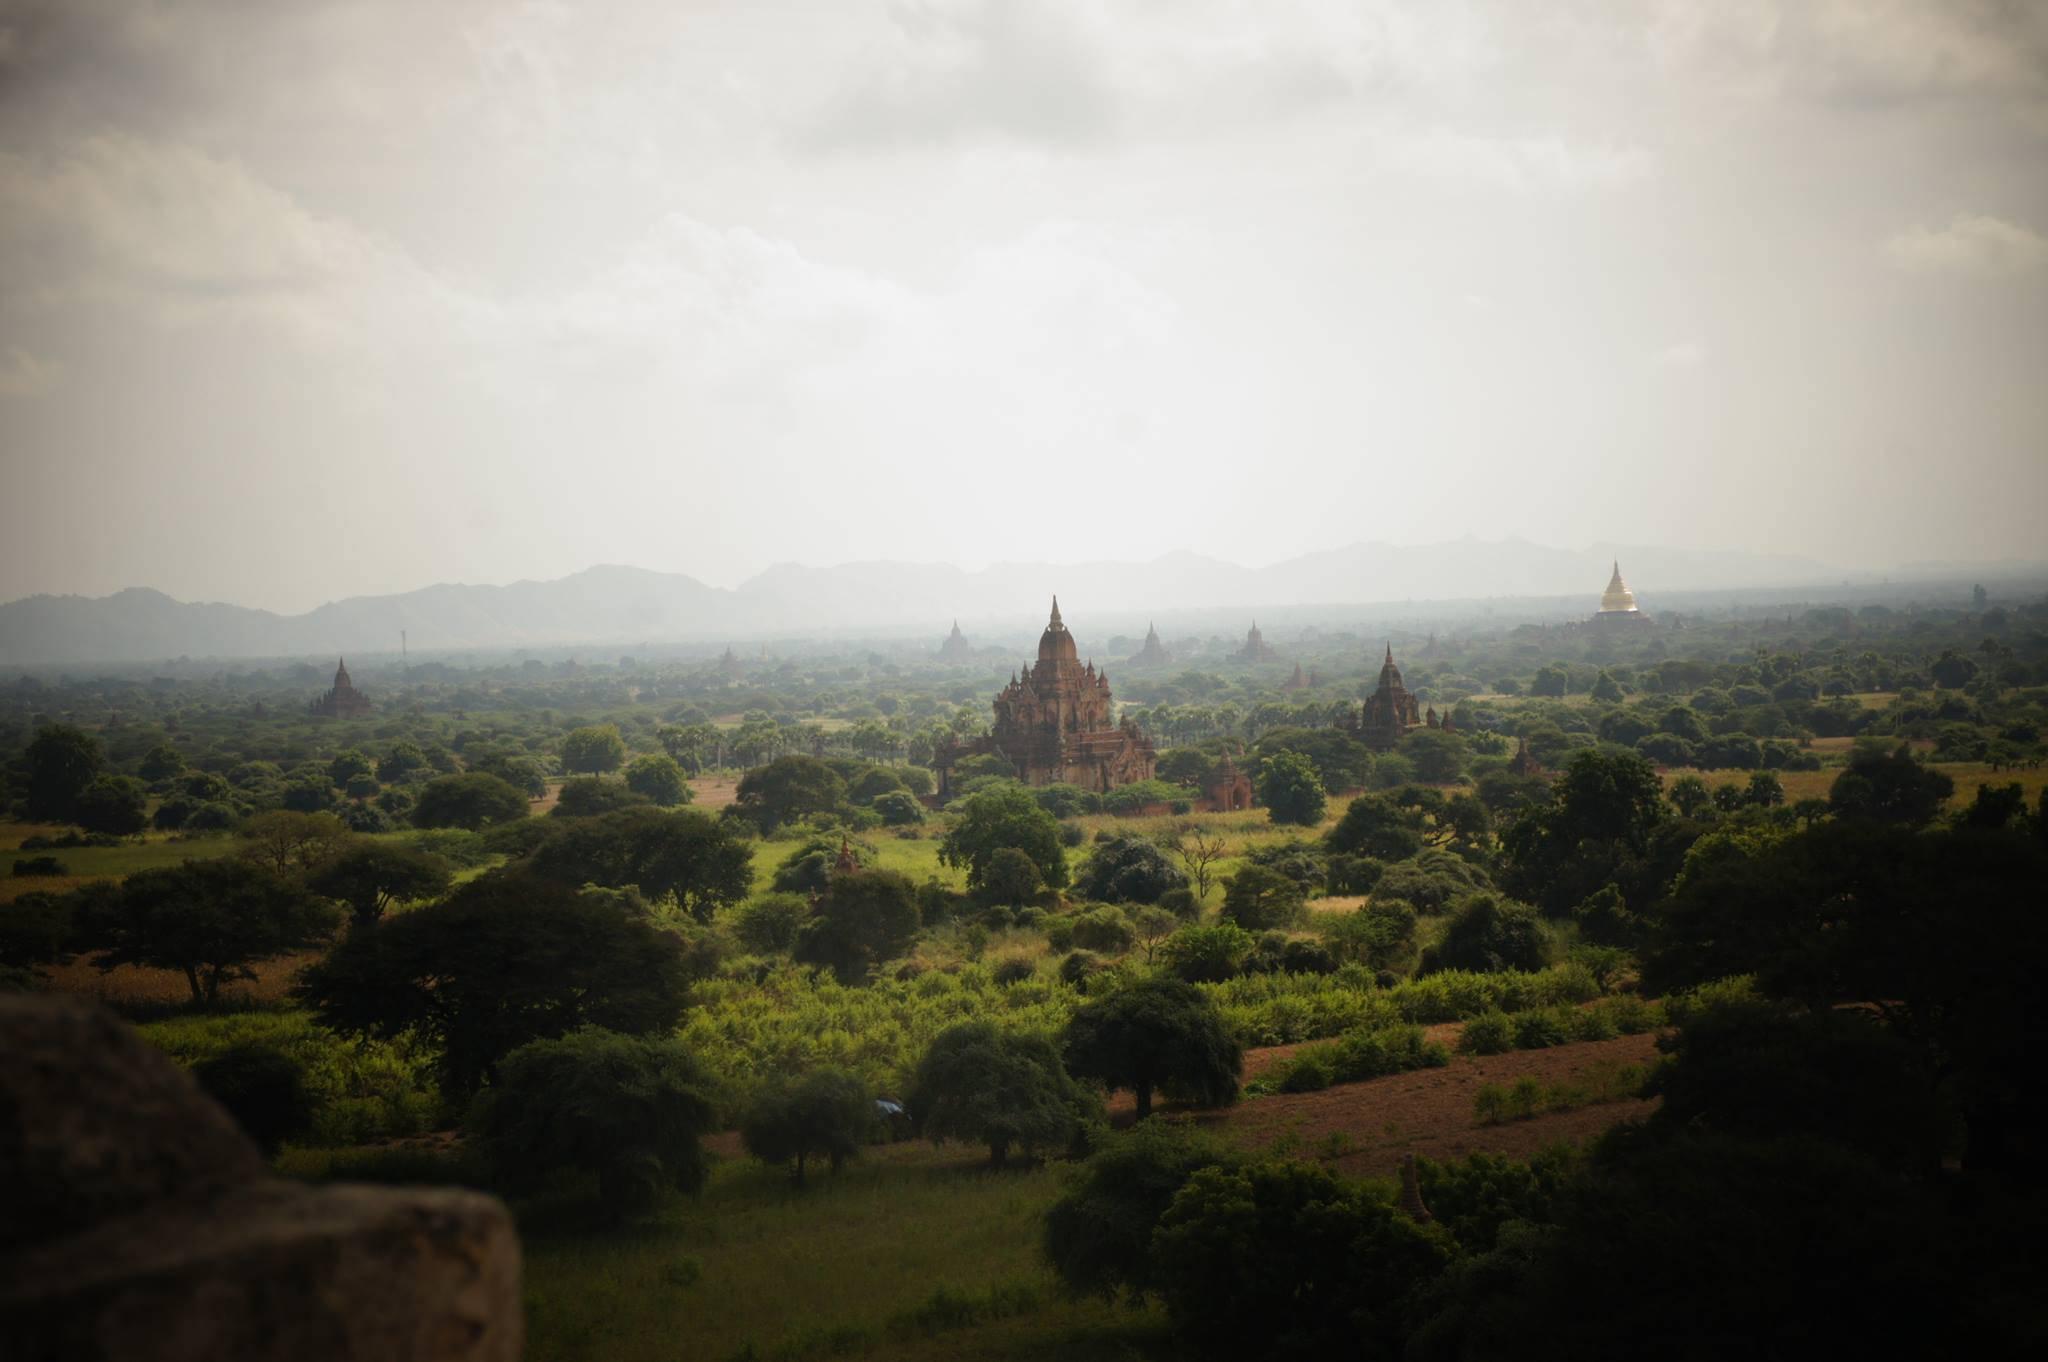 Photo 3: Bagan, Birmanie : É-MER-VEI-LL-E-MENT !